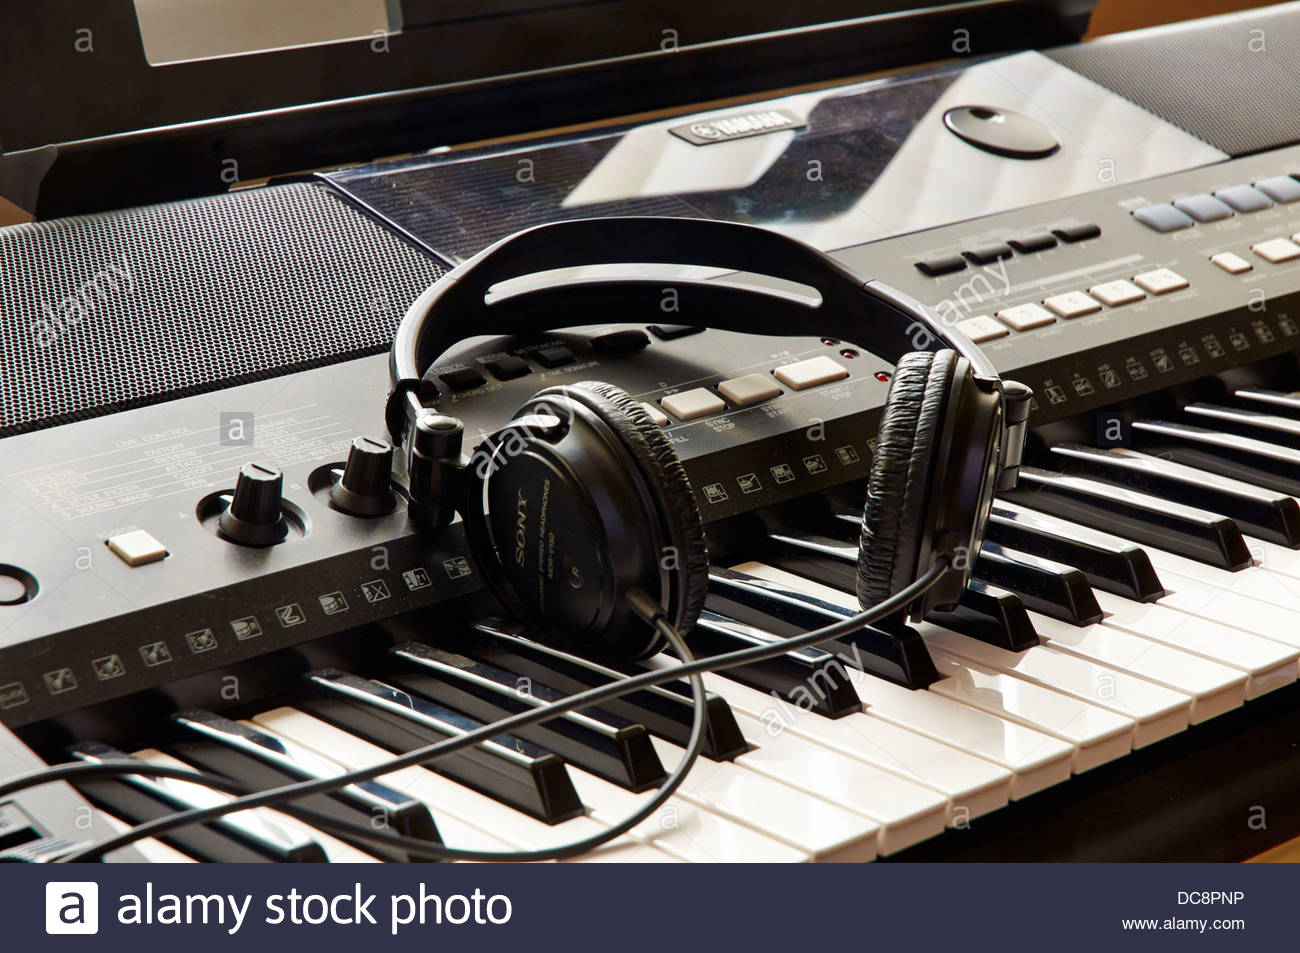 pair sony headphones on the piano keys of a yamaha electronic rh alamy com Sony DAV HDX576WF Manual Sony Operating Manuals